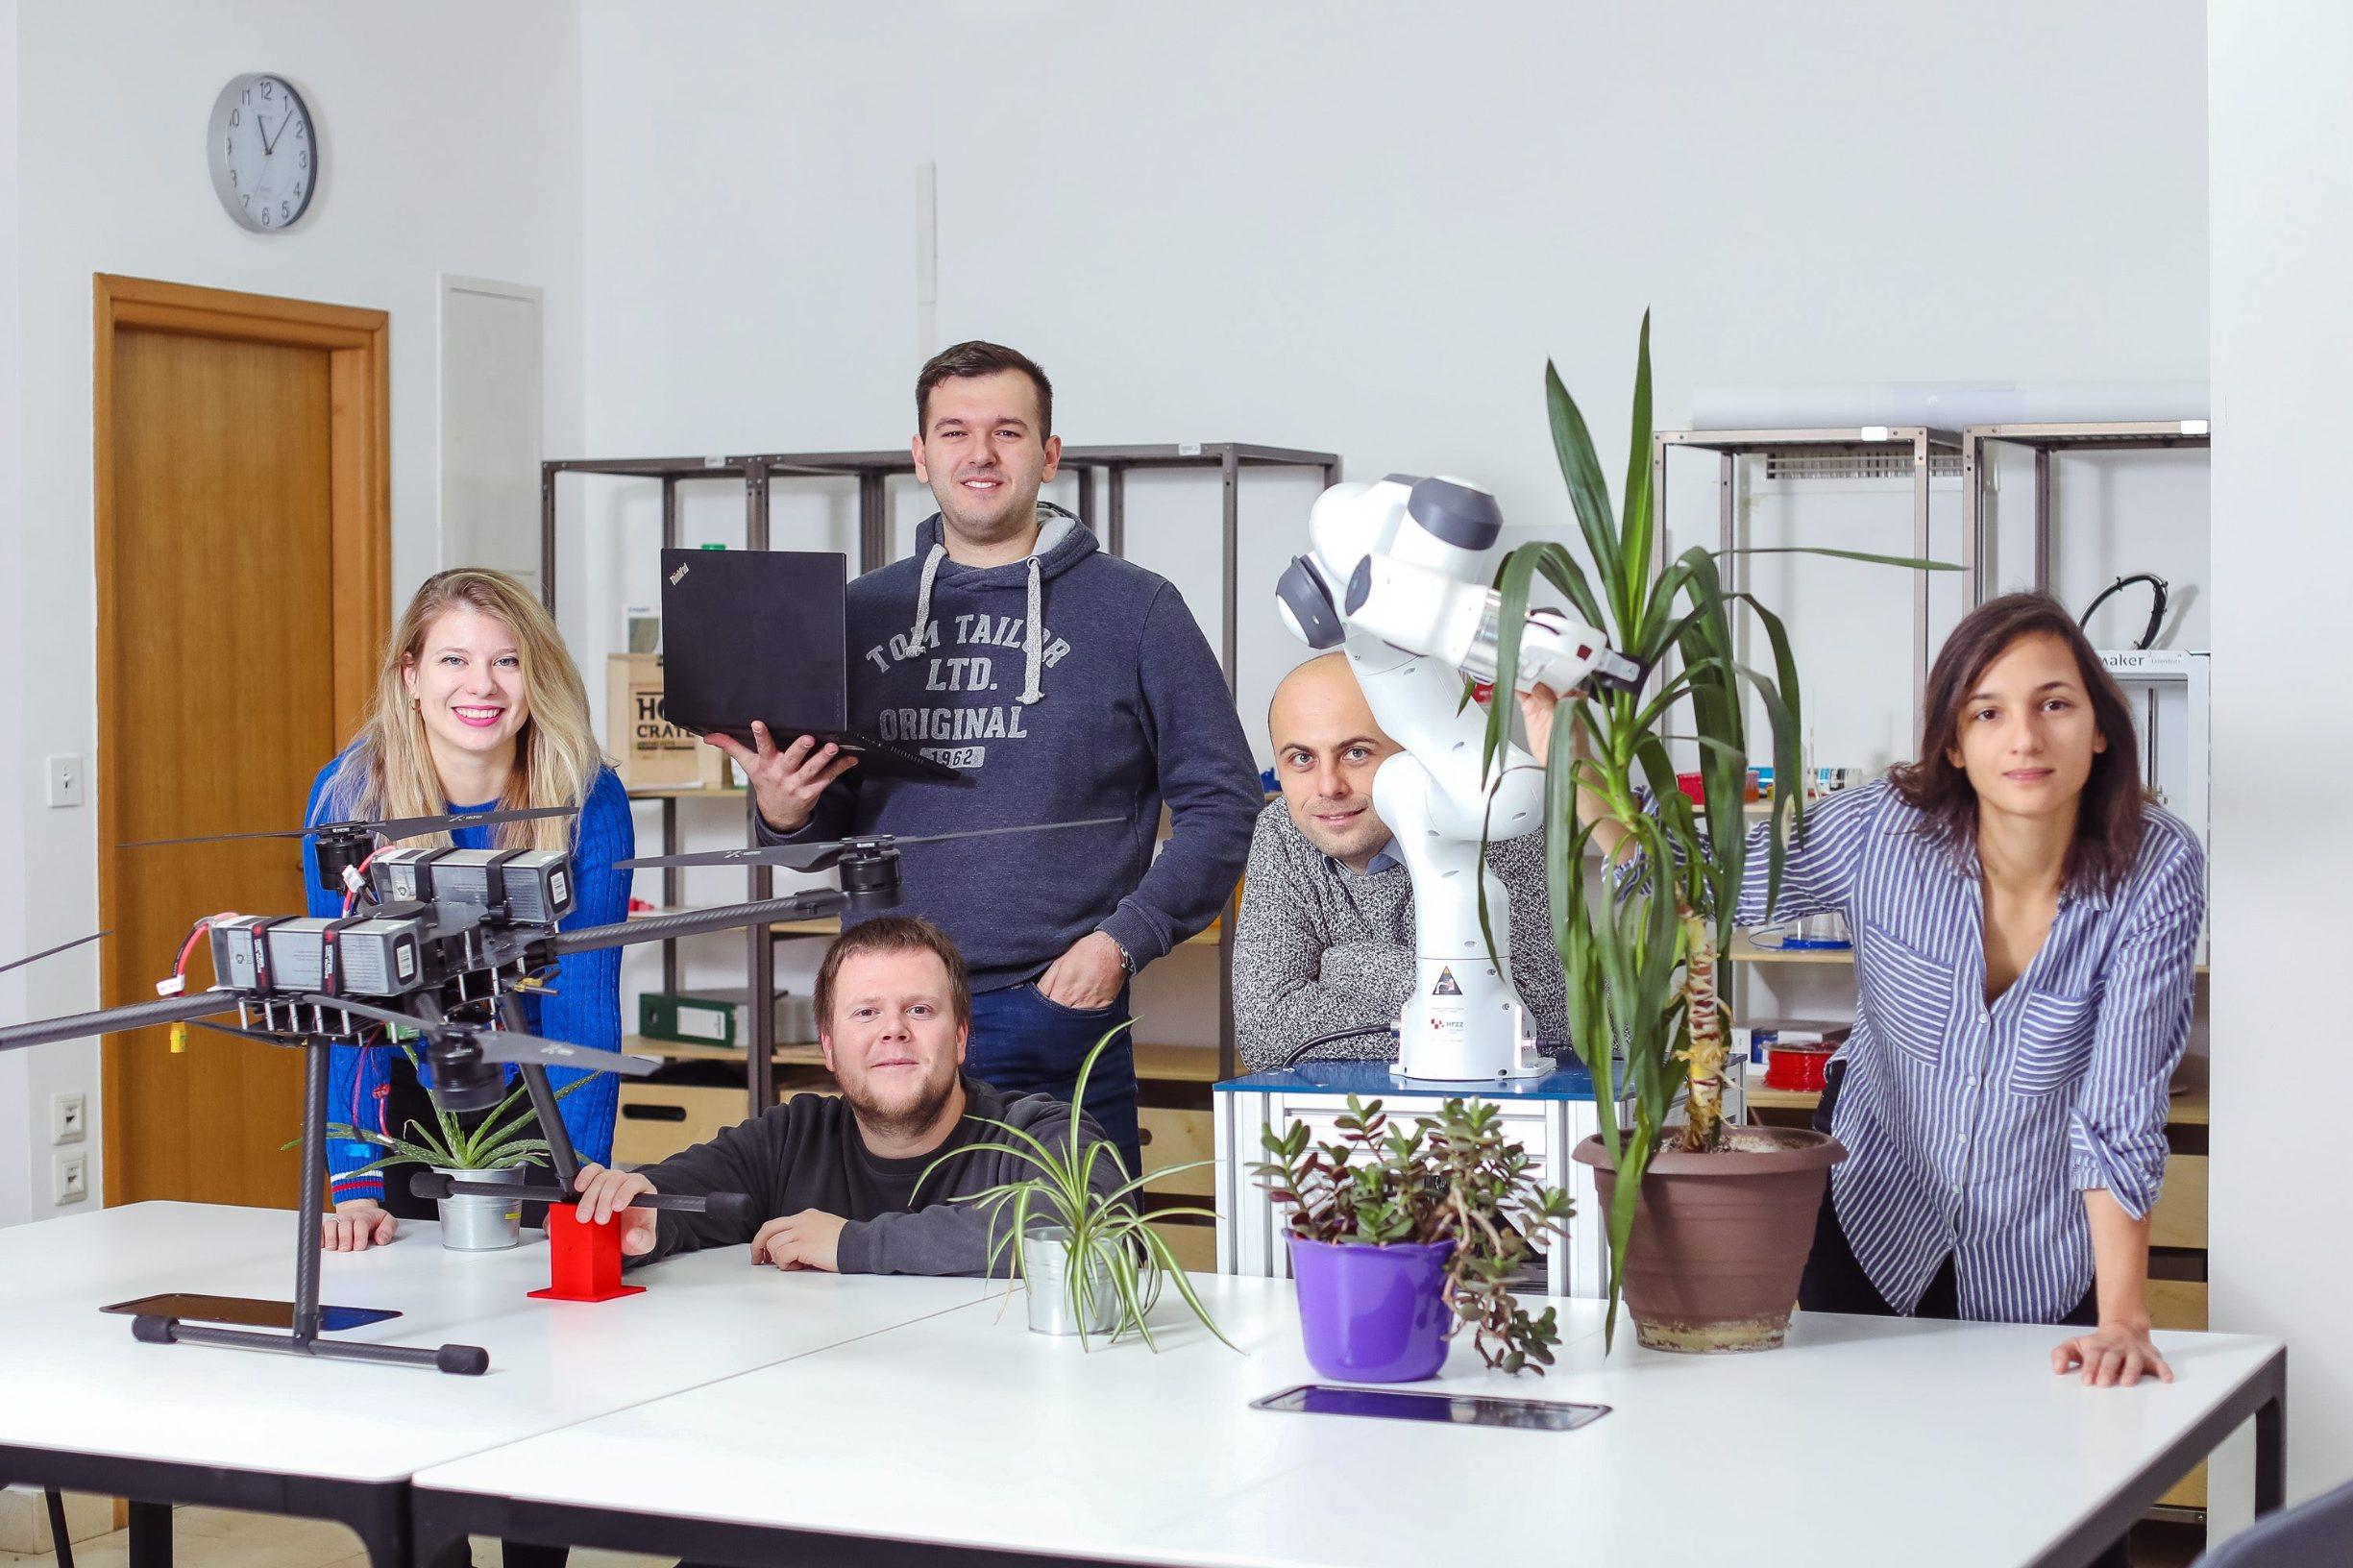 Mladi istraživači koji rade na projektu Specularium: Ivana Mikolić, Bruno Marić, Antun Ivanović, Matko Orsag, Marsela Polić